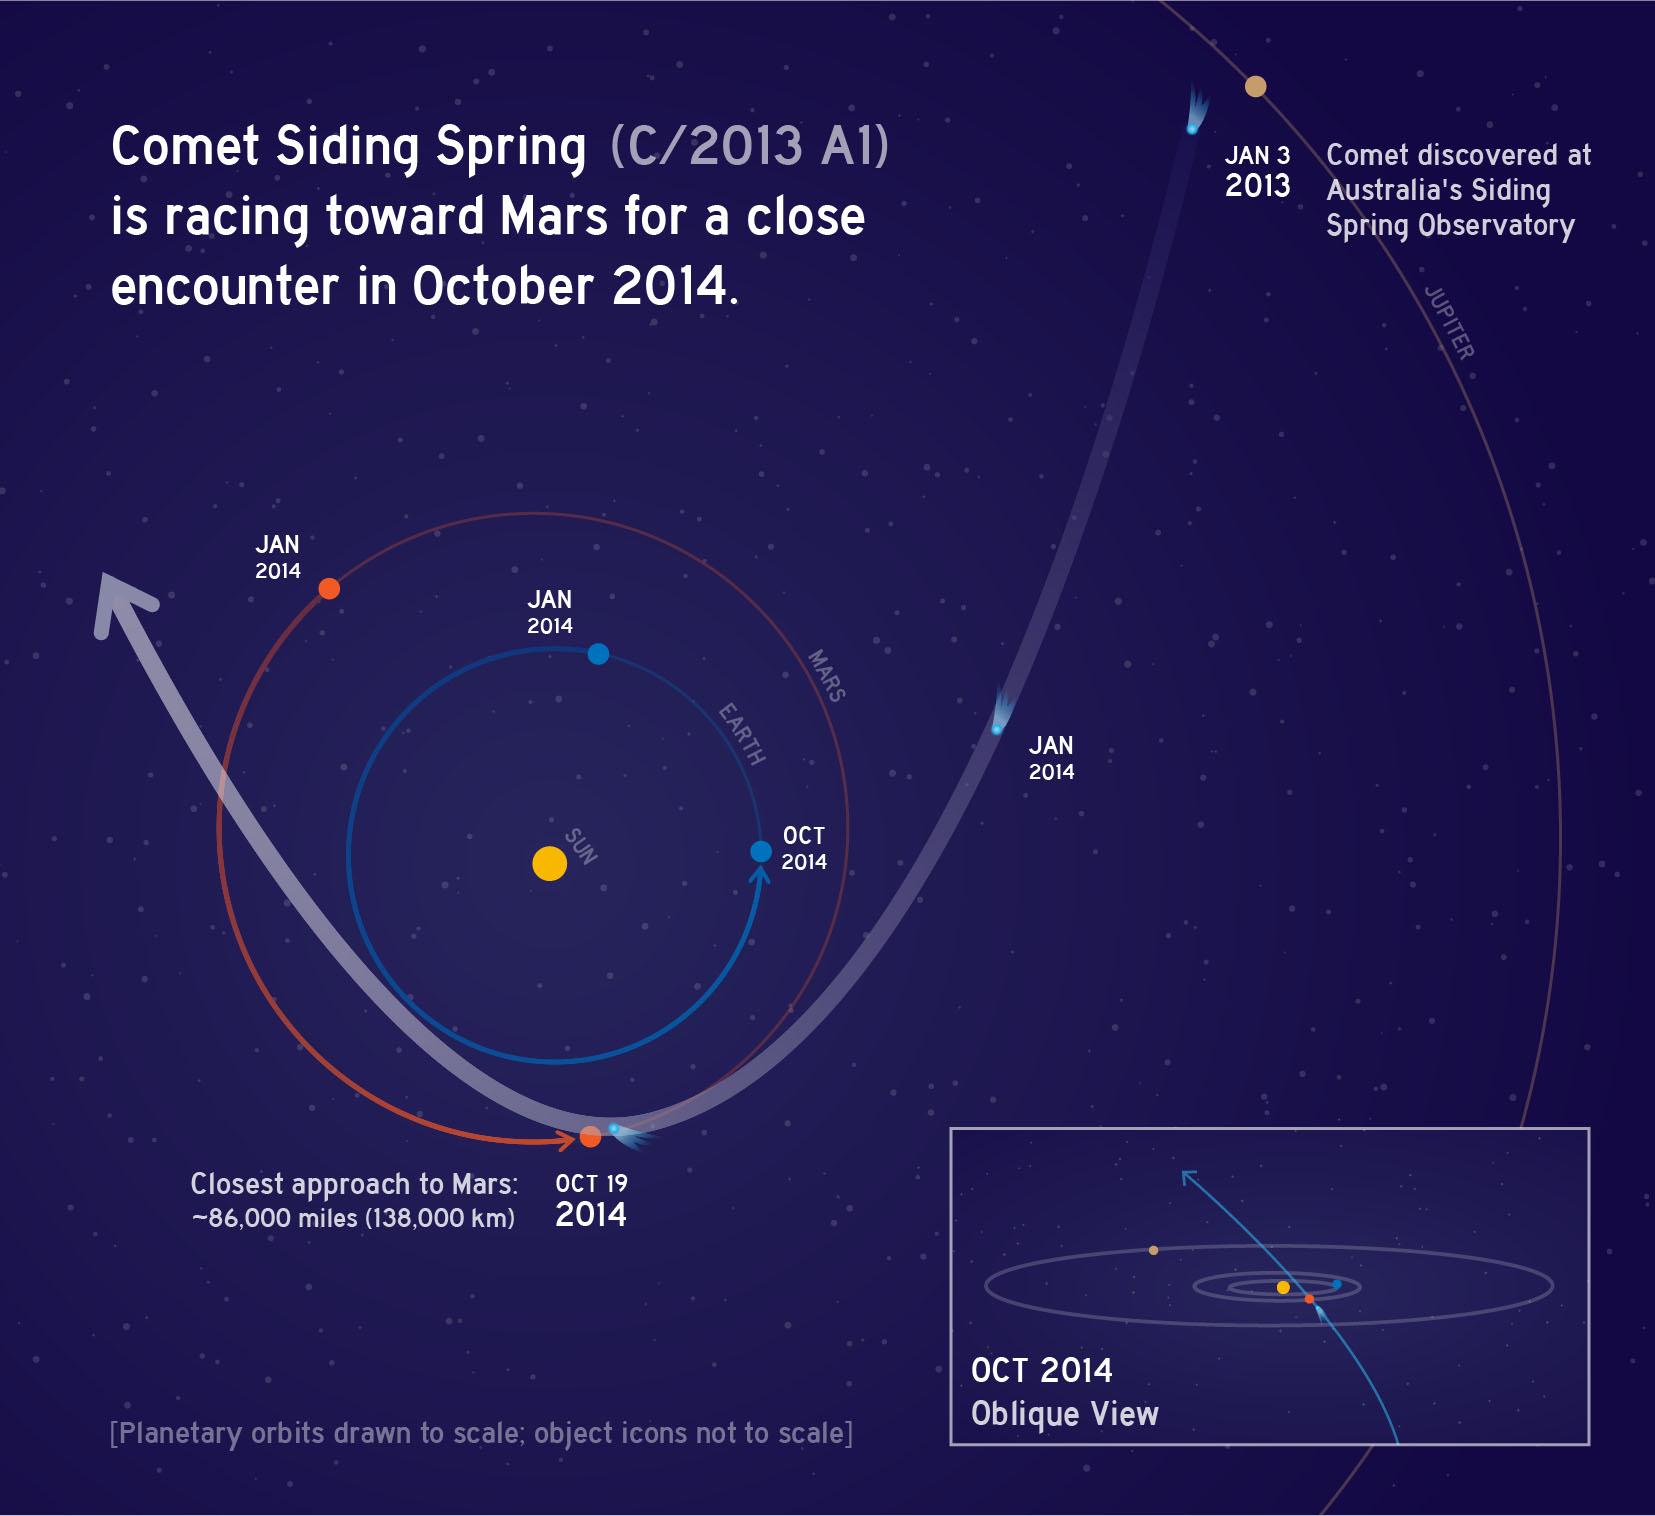 Die Bahn von C/2013 A1 durch das innere Sonnensystem. Bild: NASA/JPL/Caltech